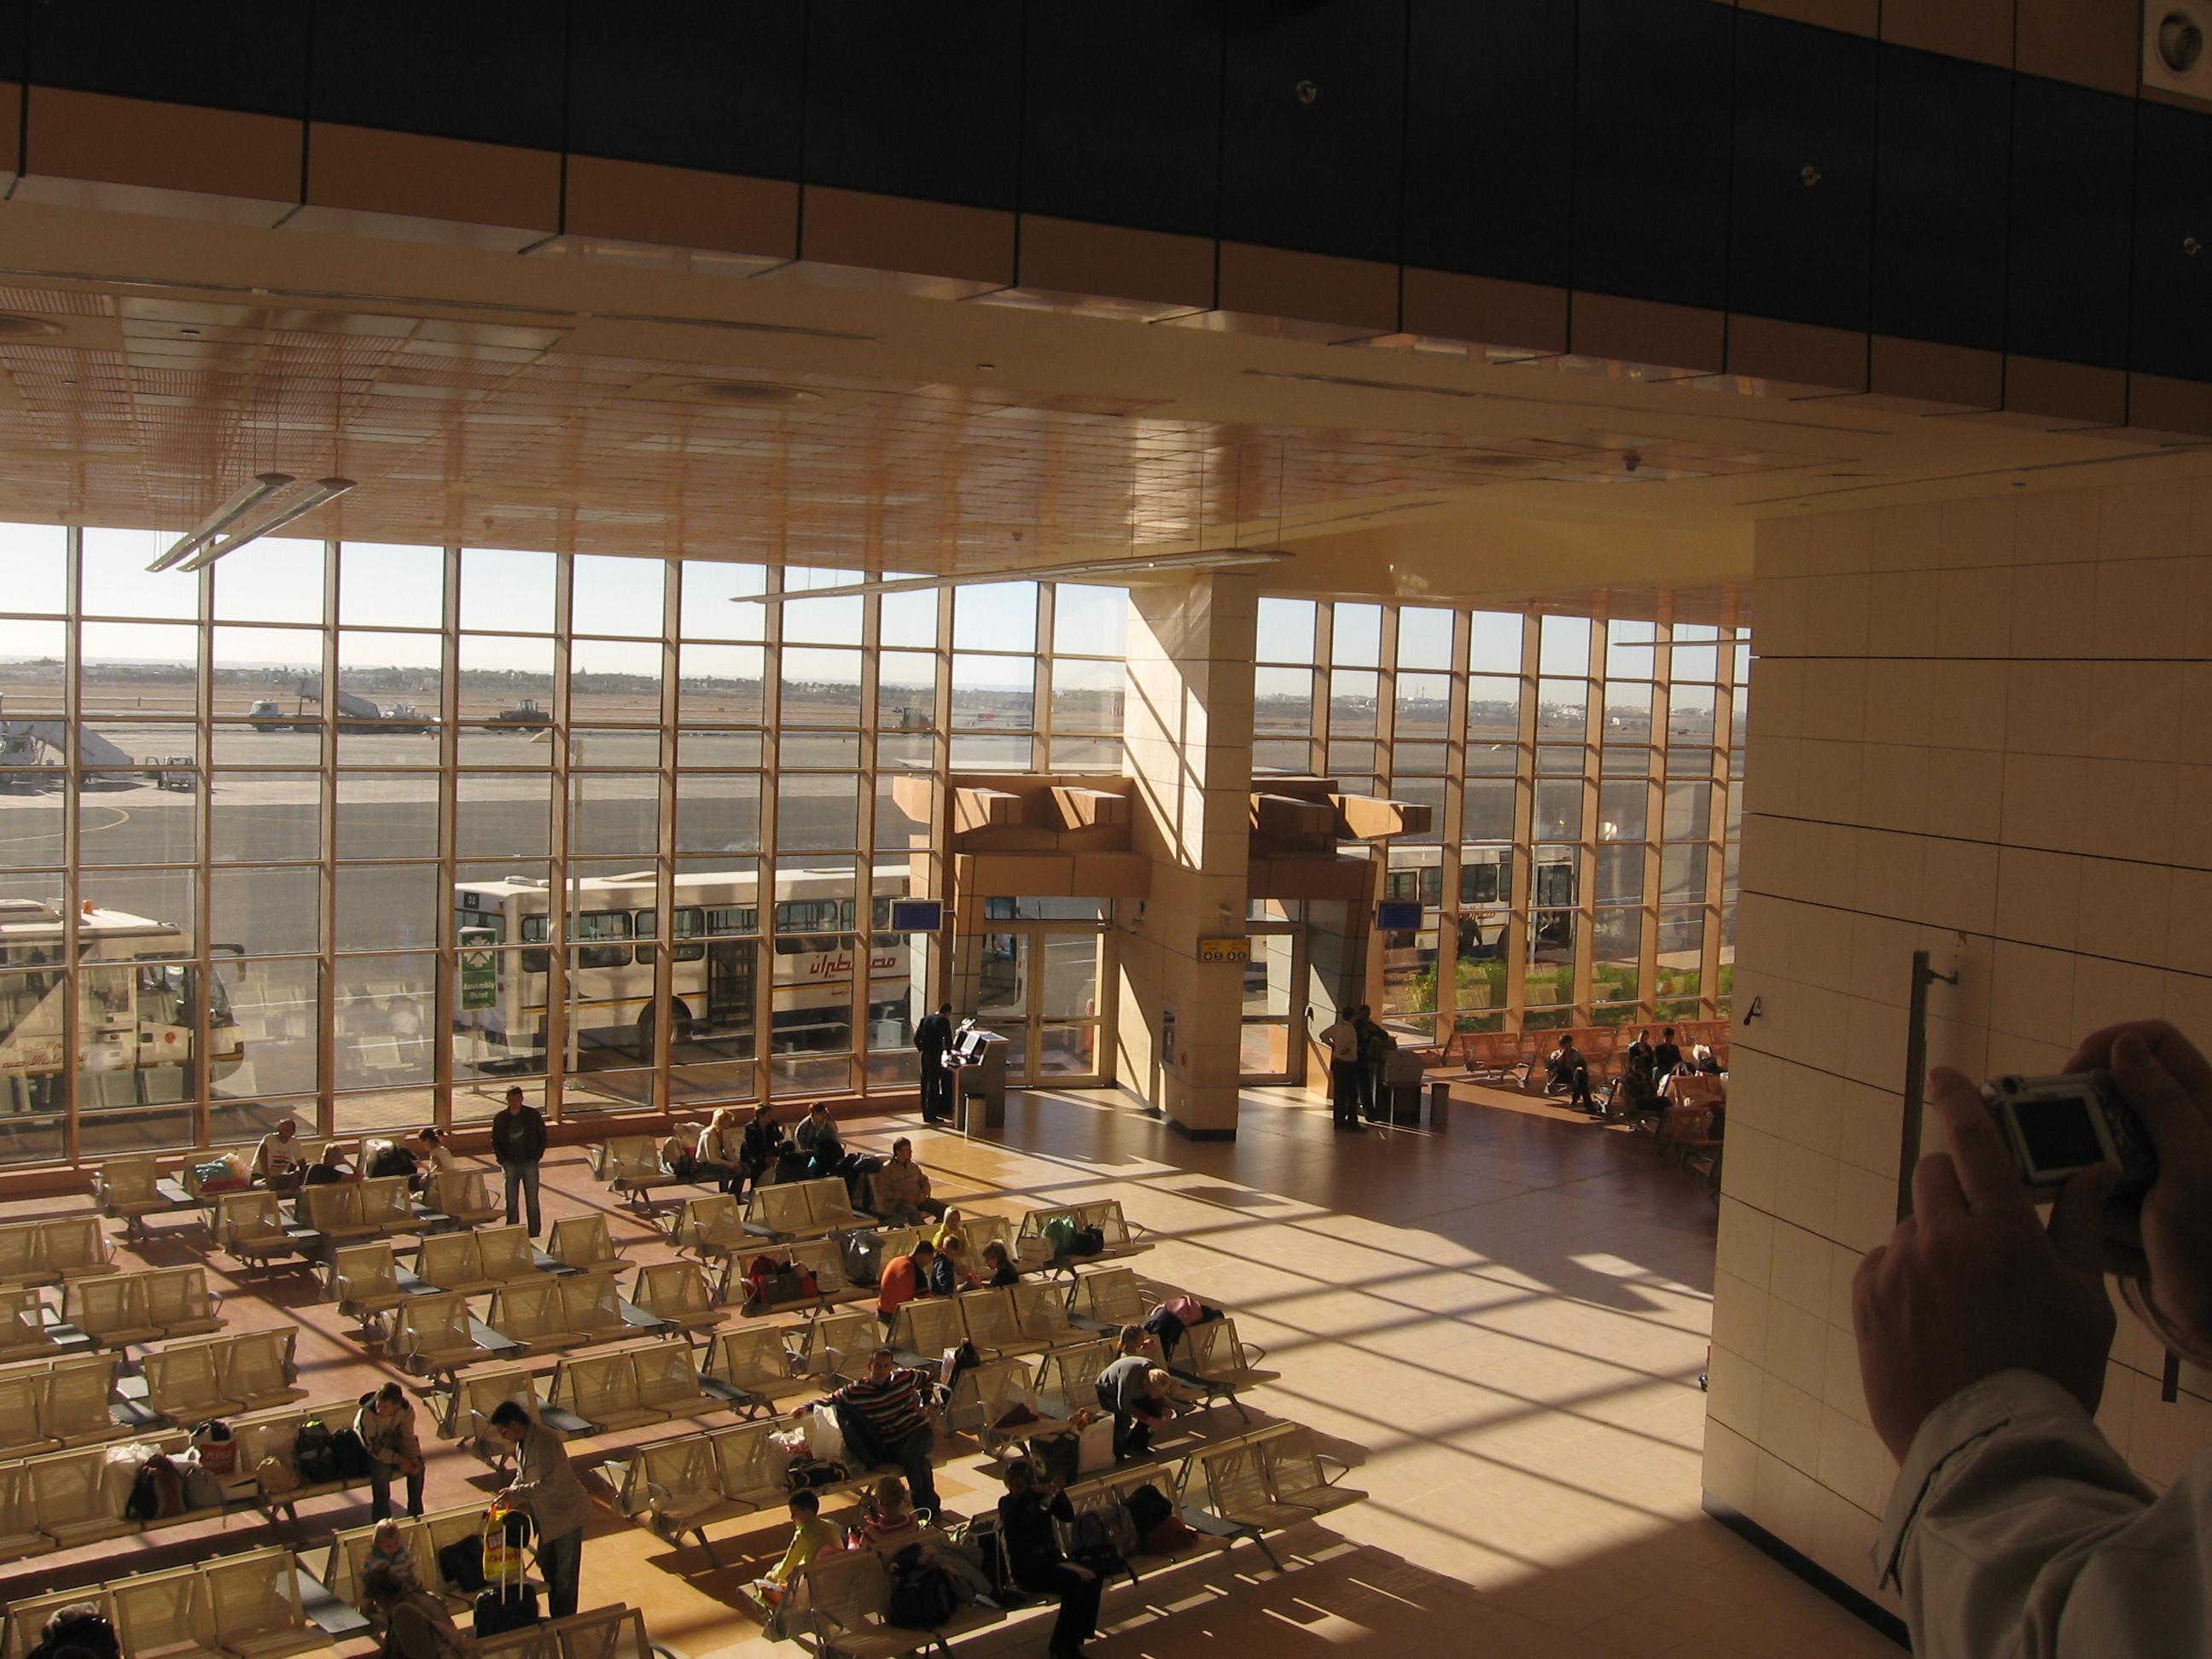 Aeroporto Sharm : Шарм эль Шейх аэропорт это Что такое